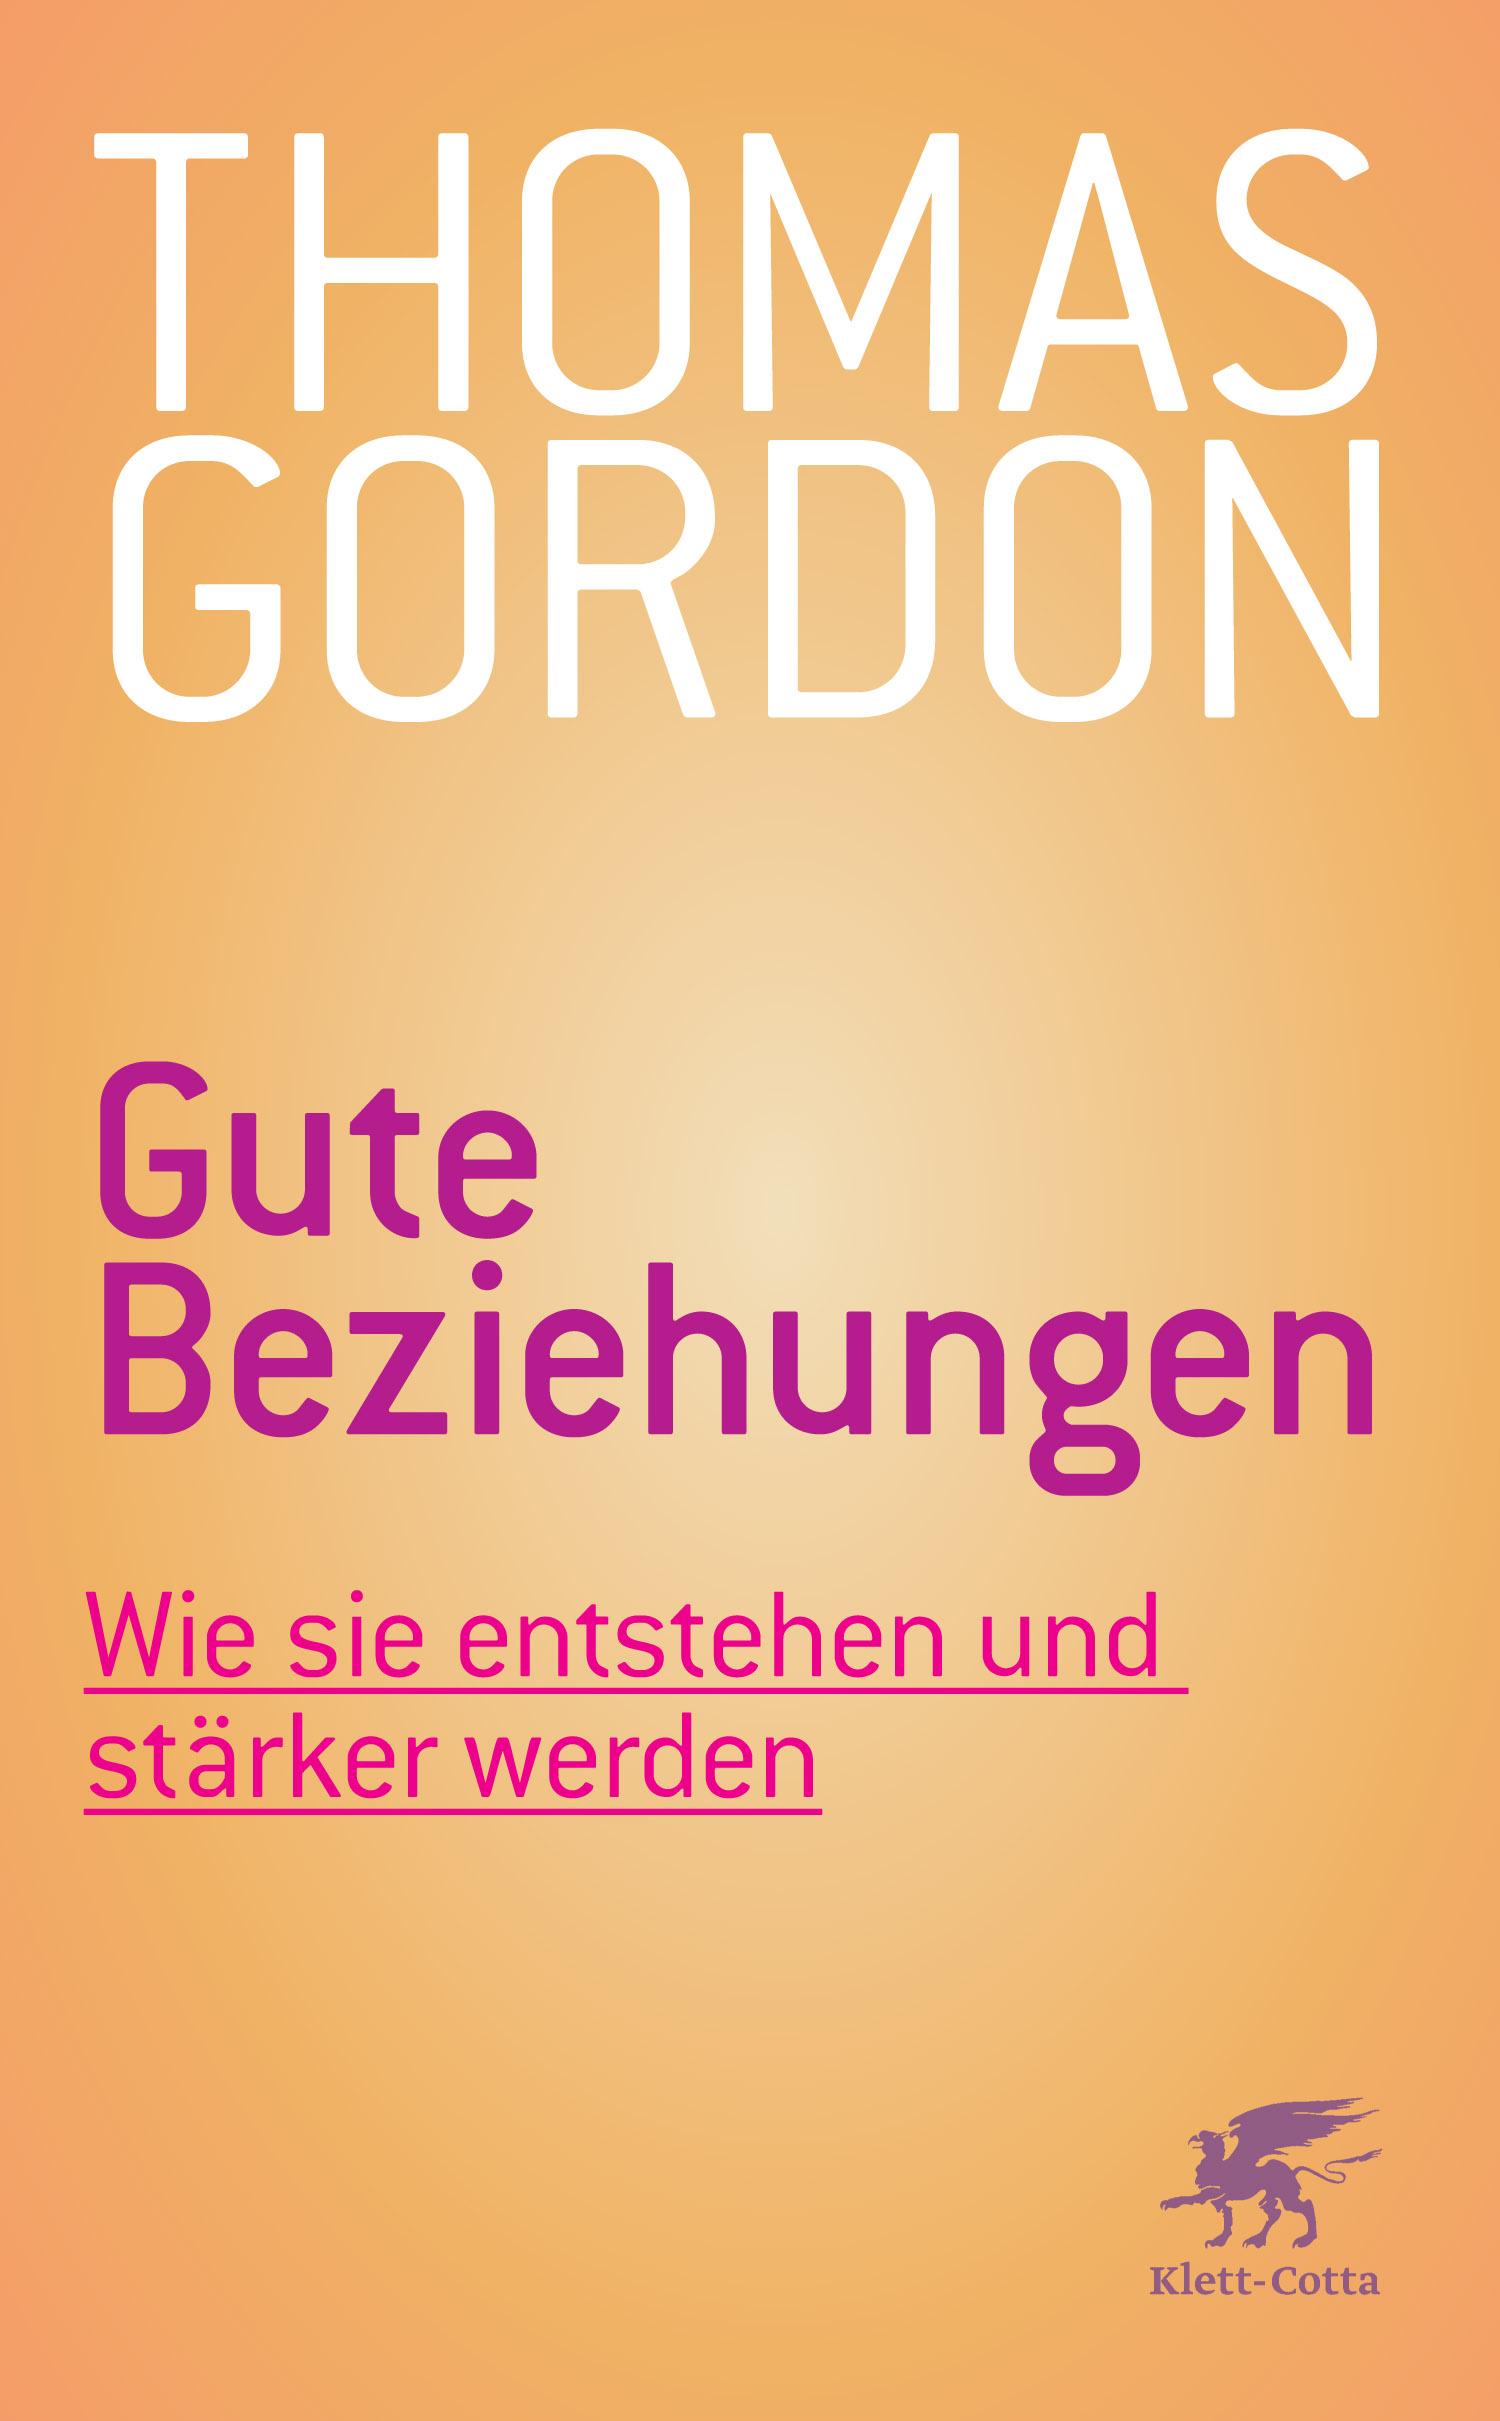 Gute Beziehungen: Wie sie entstehen und stärker werden - Gordon, Thomas